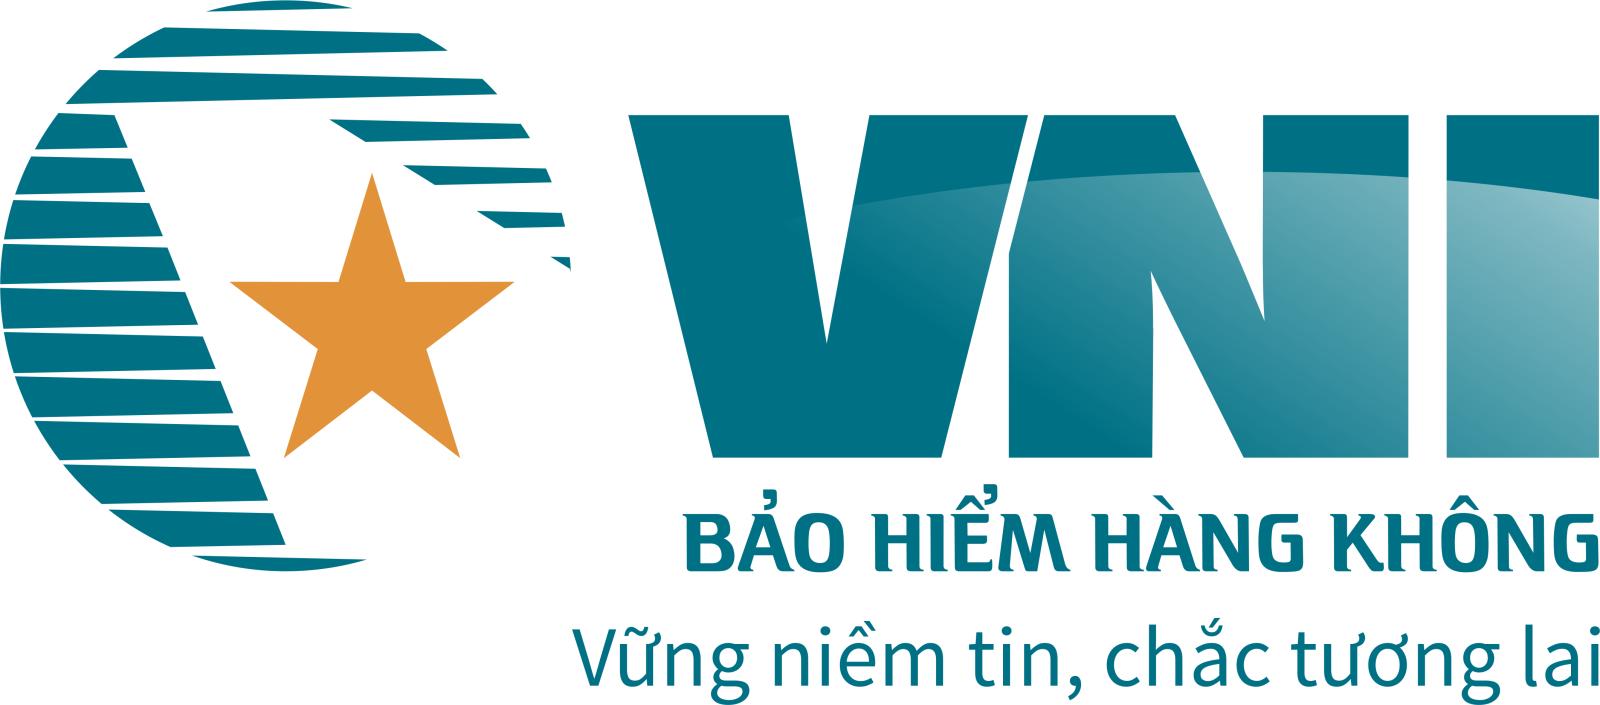 logo bảo hiểm hàng không